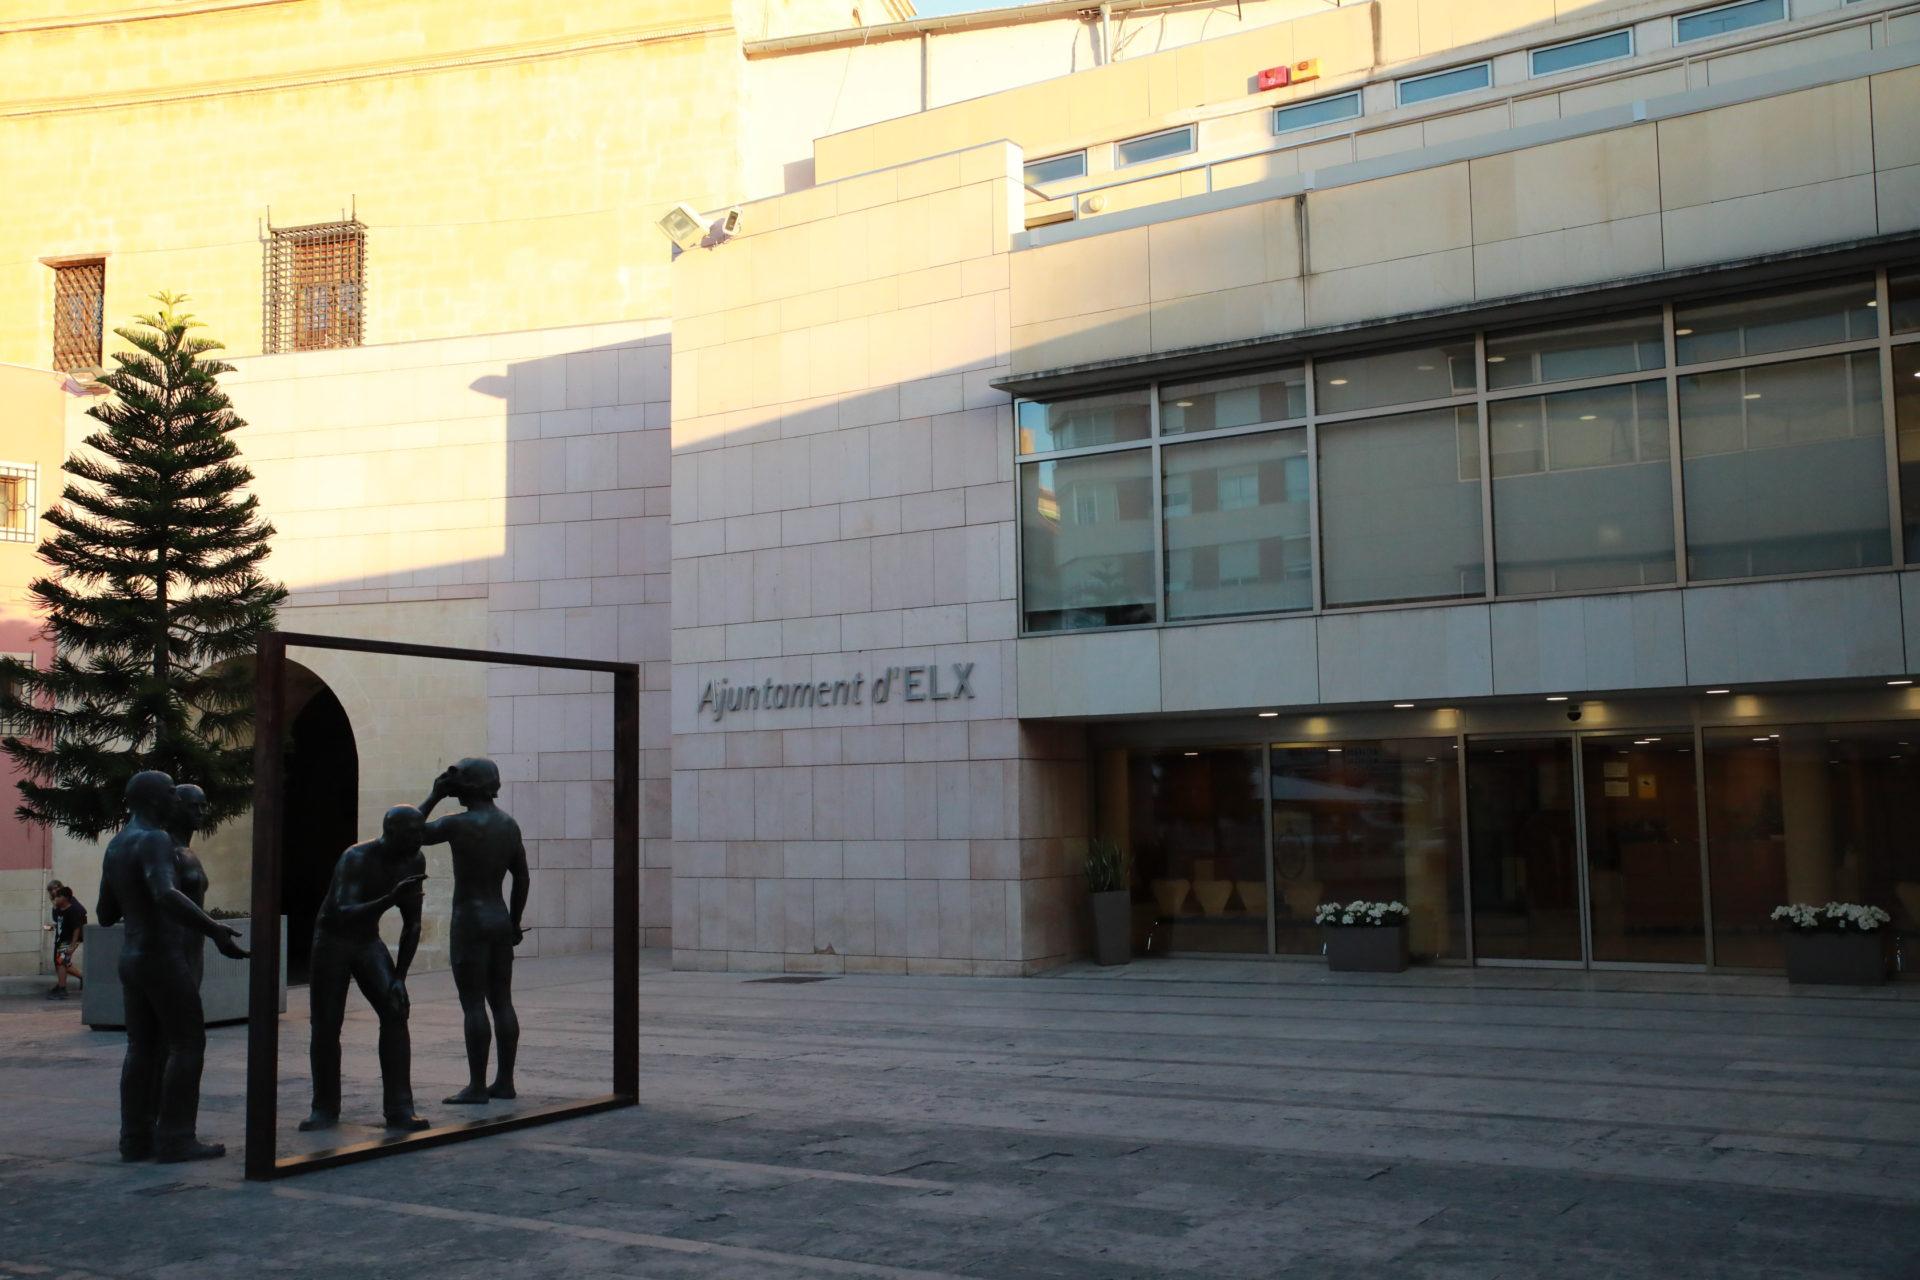 Altet Diario de Alicante